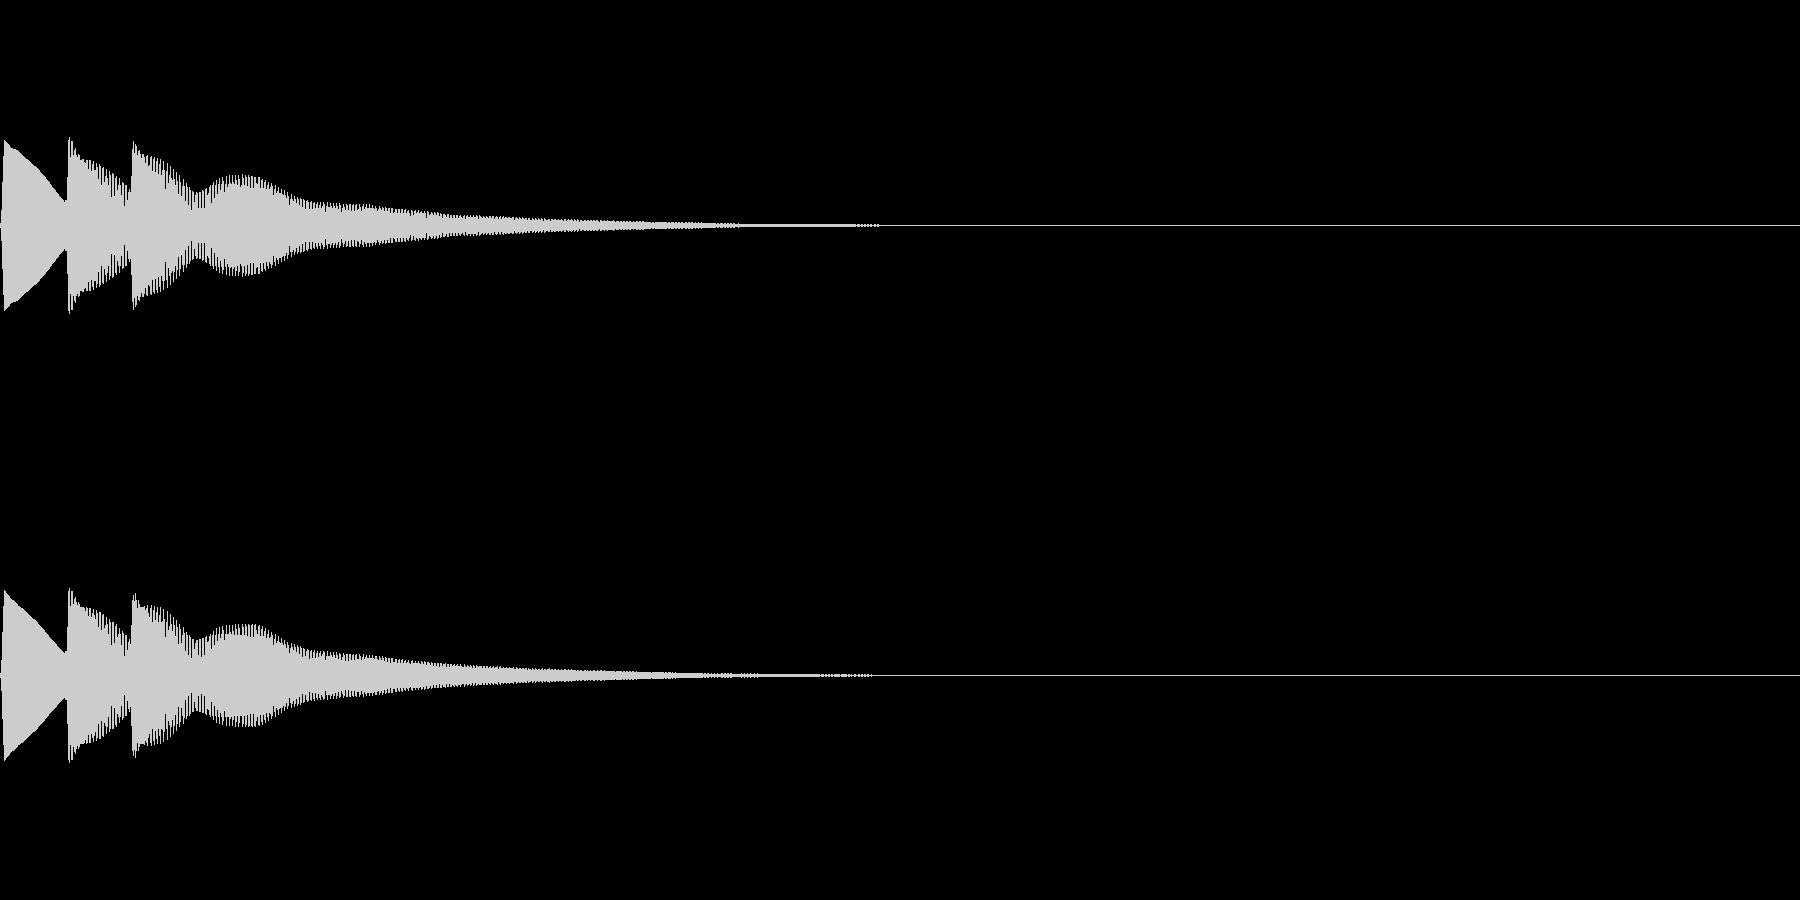 ティロローン(ベル系単発の音)の未再生の波形